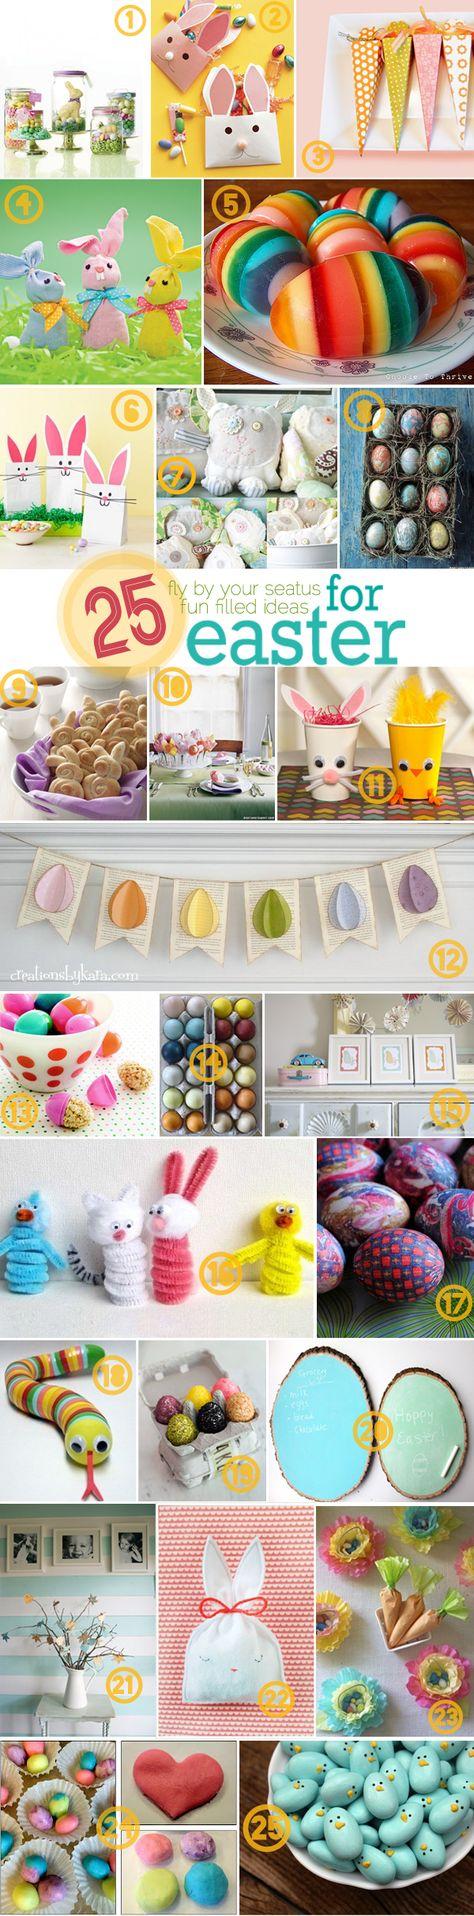 25 Cute Easter Ideas